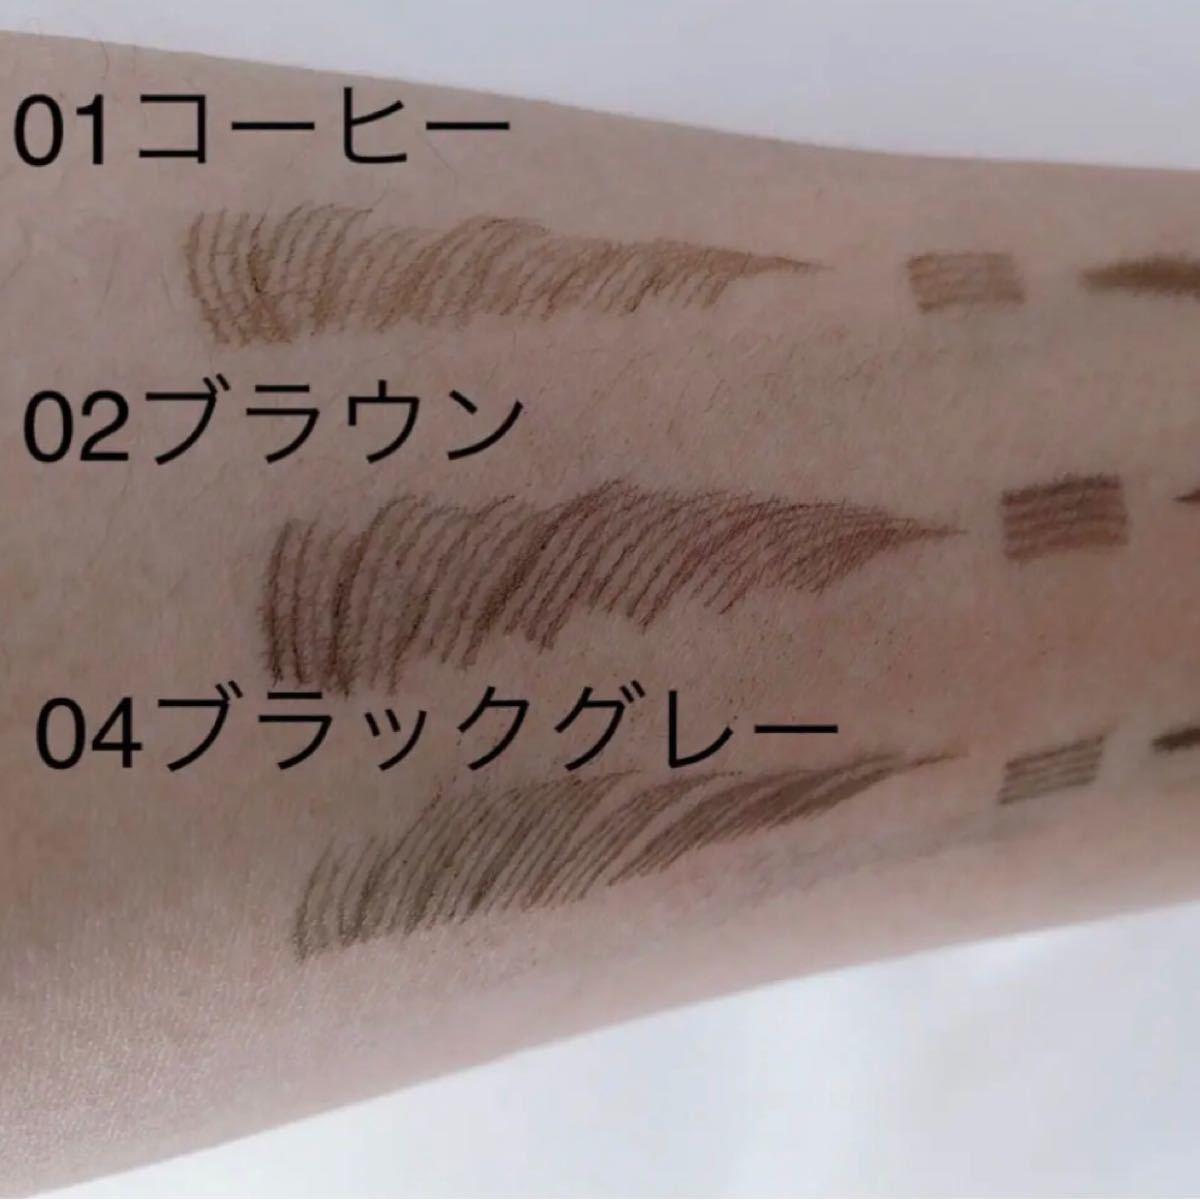 【話題】タトゥーアイブロウ TINT MY 4-TIP BROW ブラウン